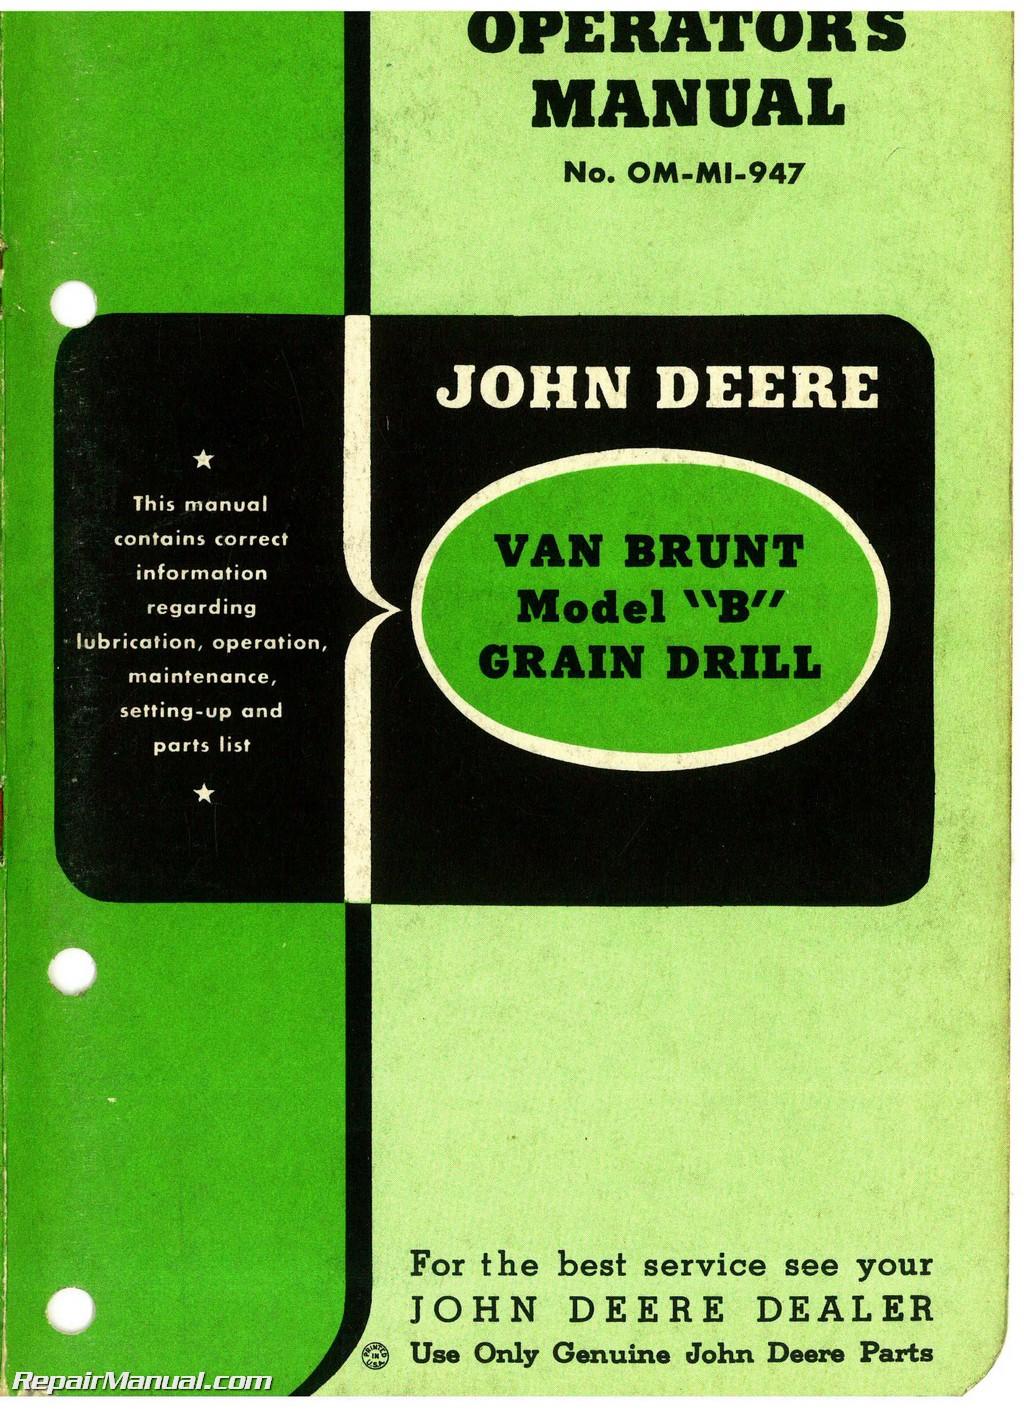 John Deere Van Brunt Model B Grain Drill Operators Manual ...